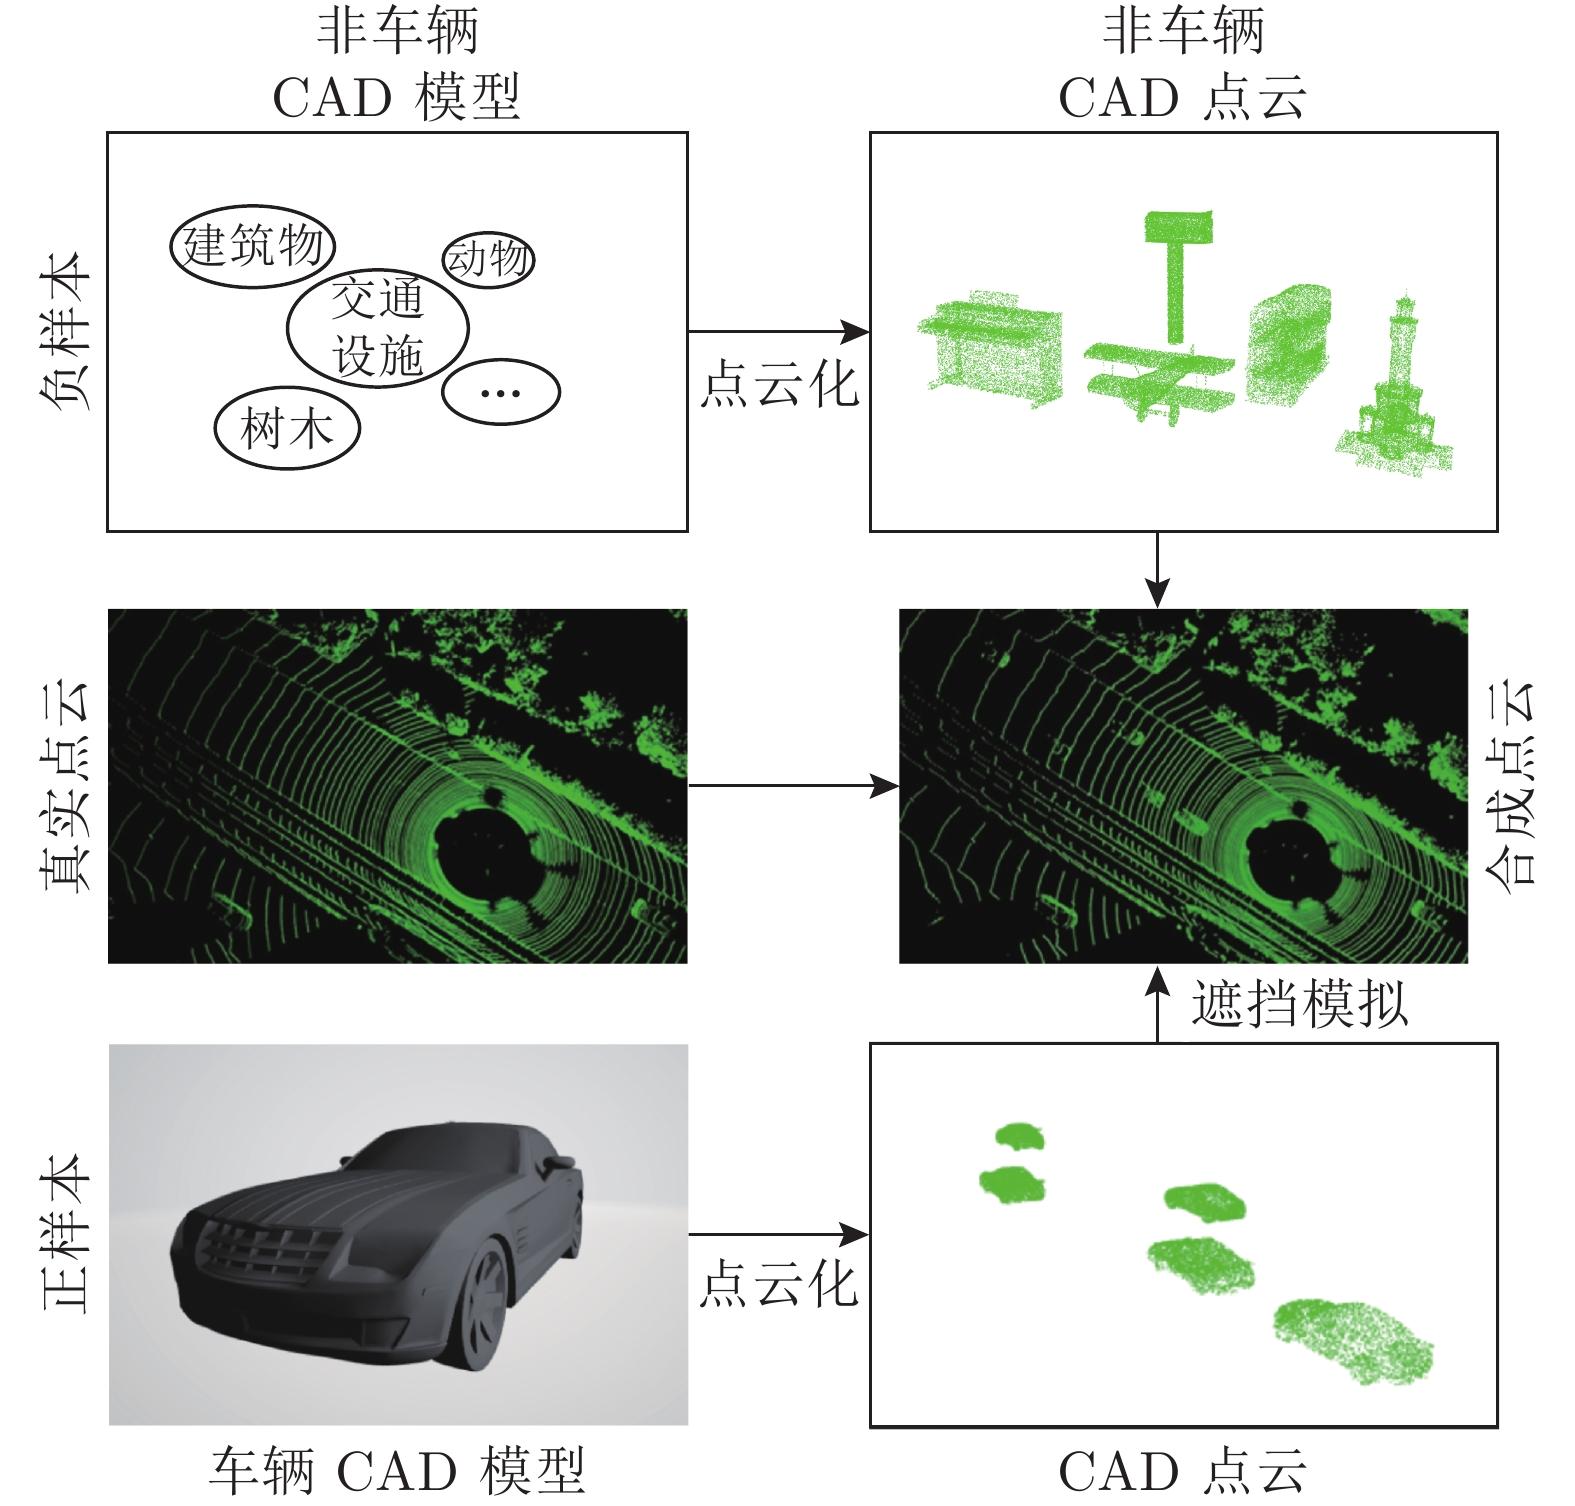 AAS-CN-2020-0800-5.jpg